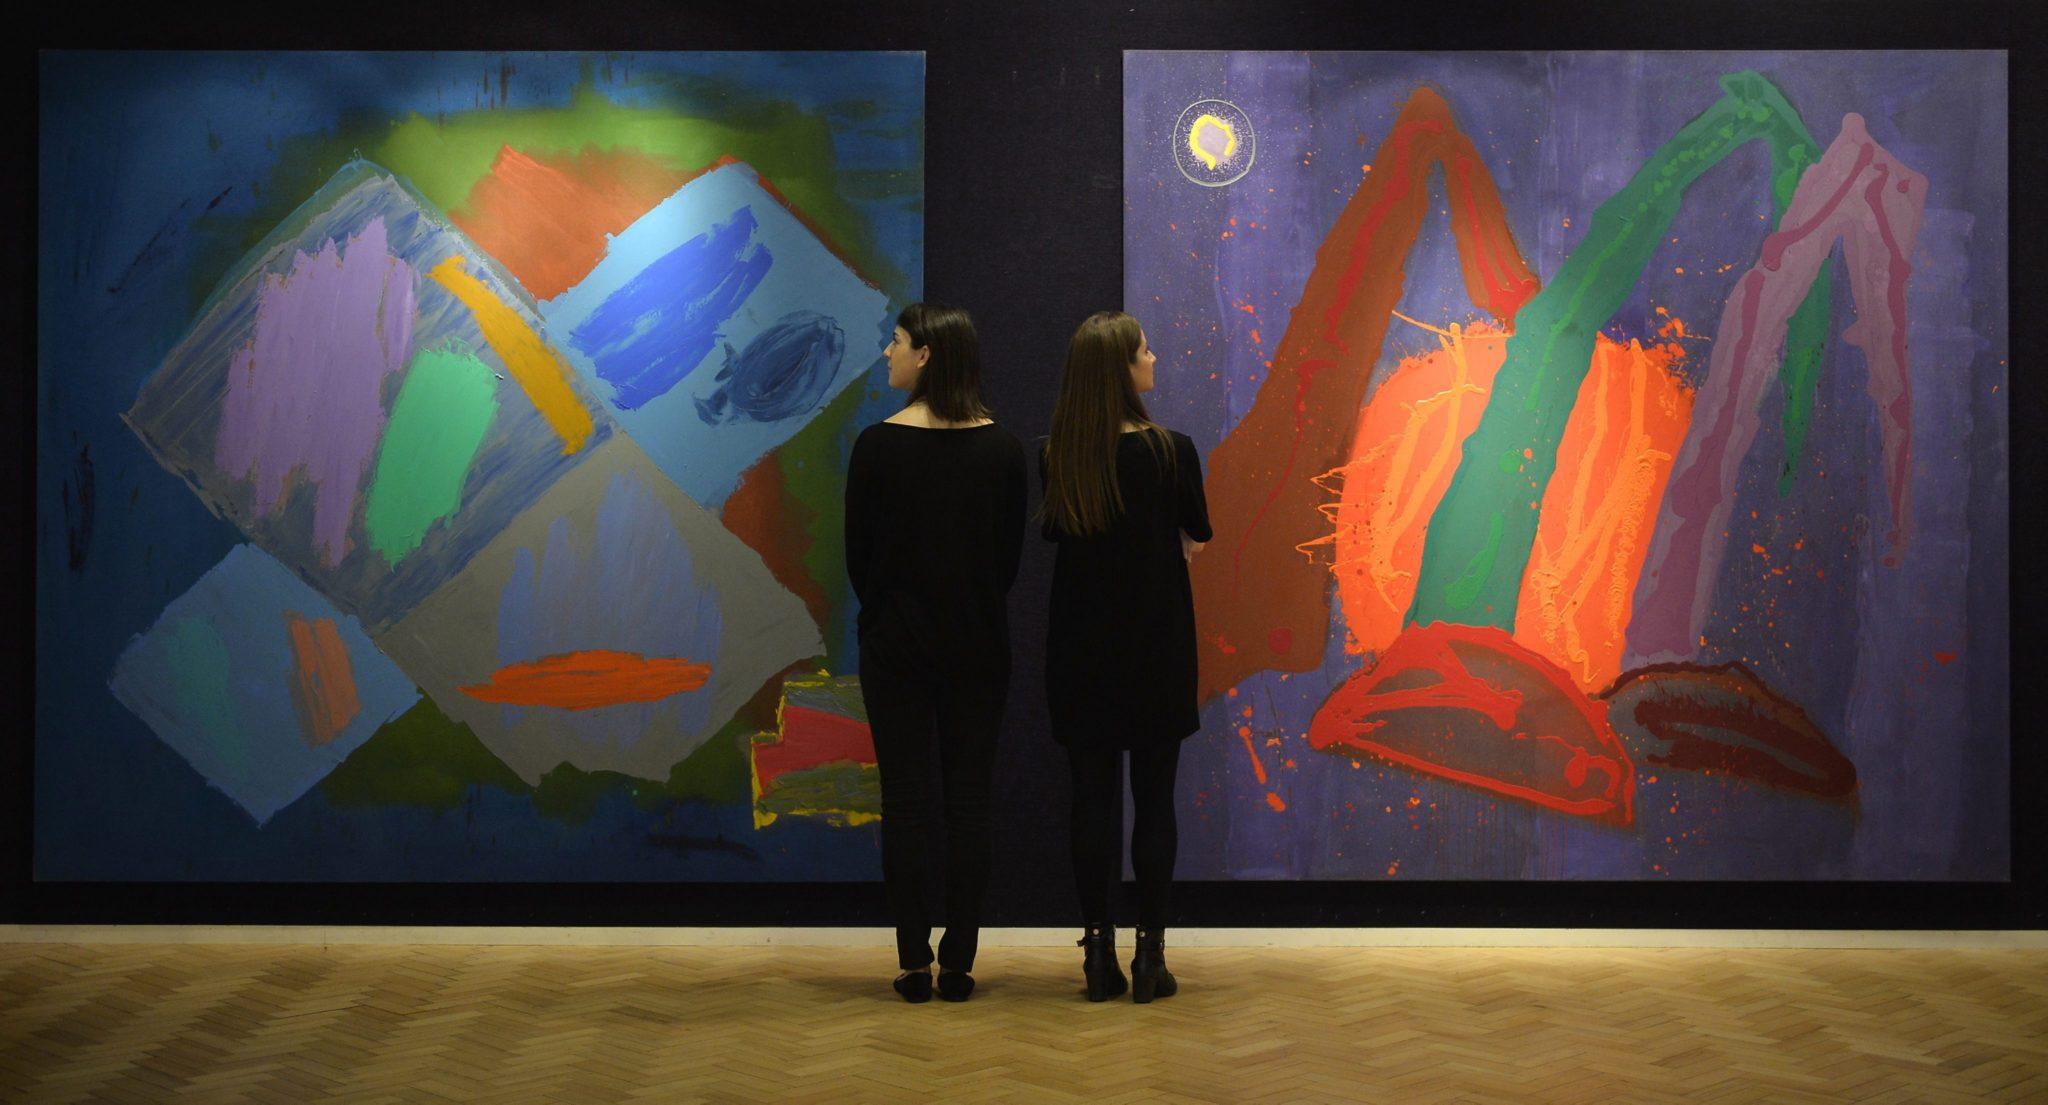 Wielka Brytania: wystawa sztuki nowoczesnej w Londynie (foto. PAP/EPA/HANNAH MCKAY )